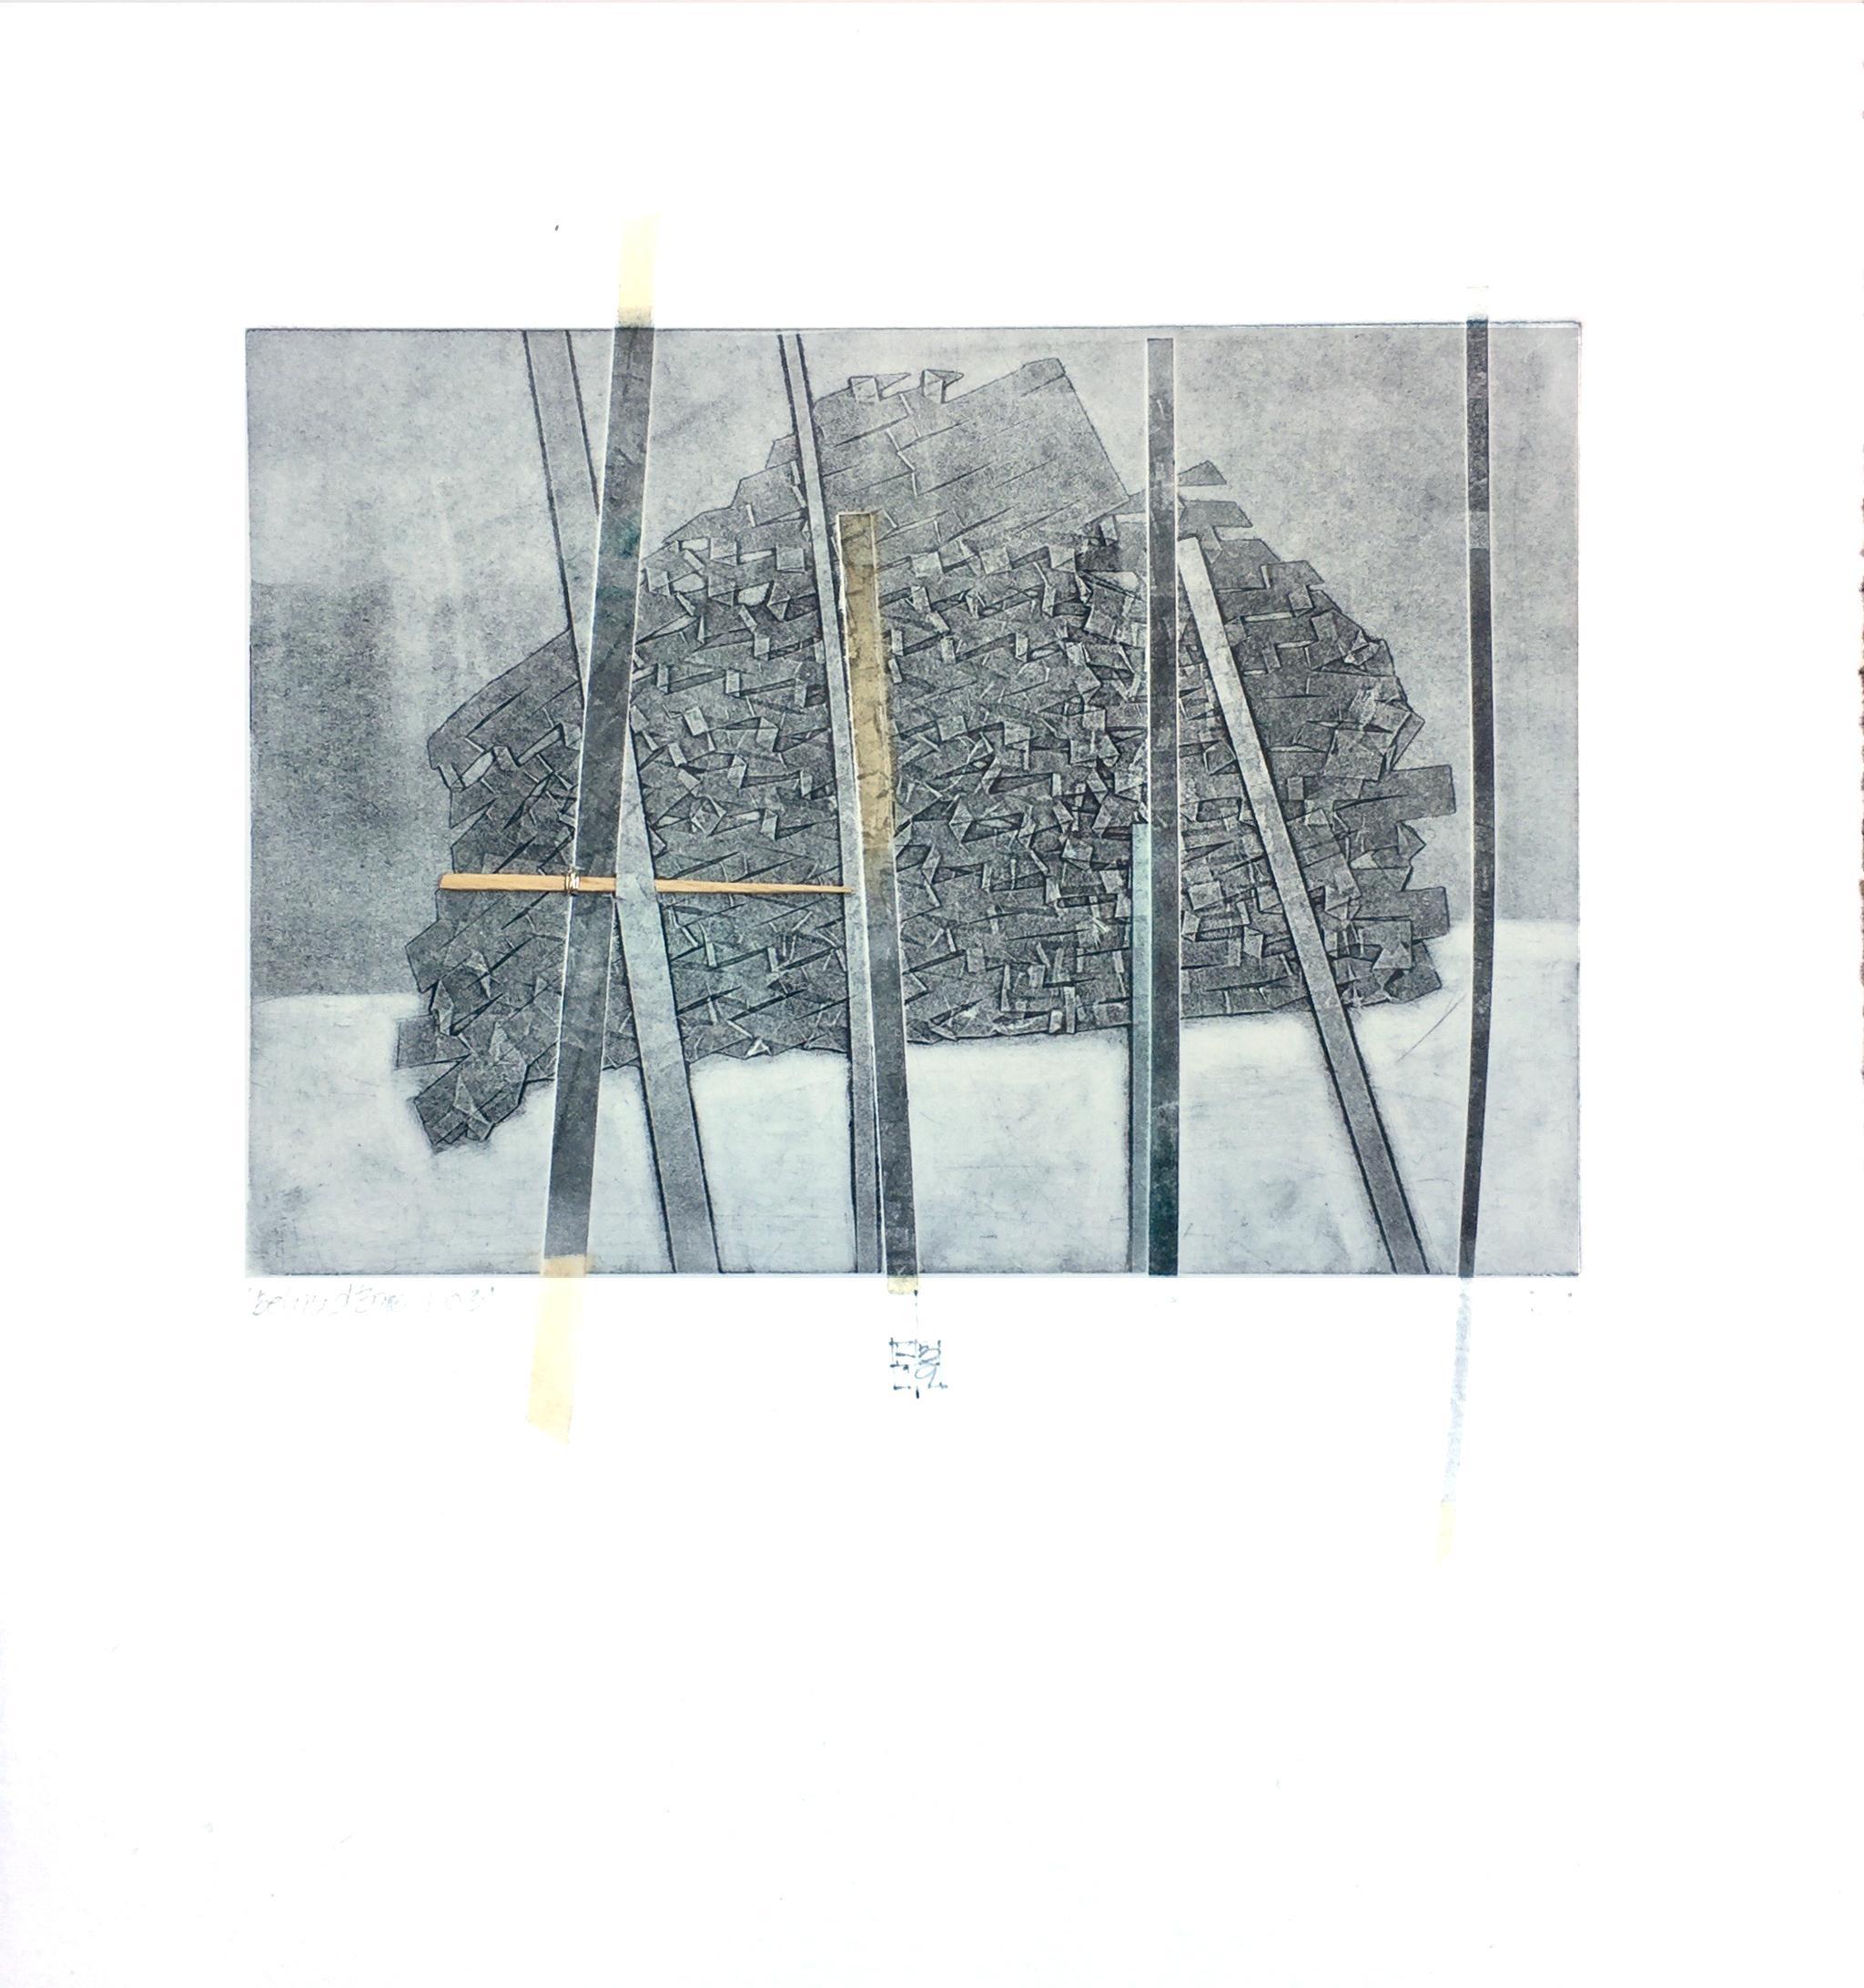 Behind Bars No. 3, abstract mixed media on paper, grey